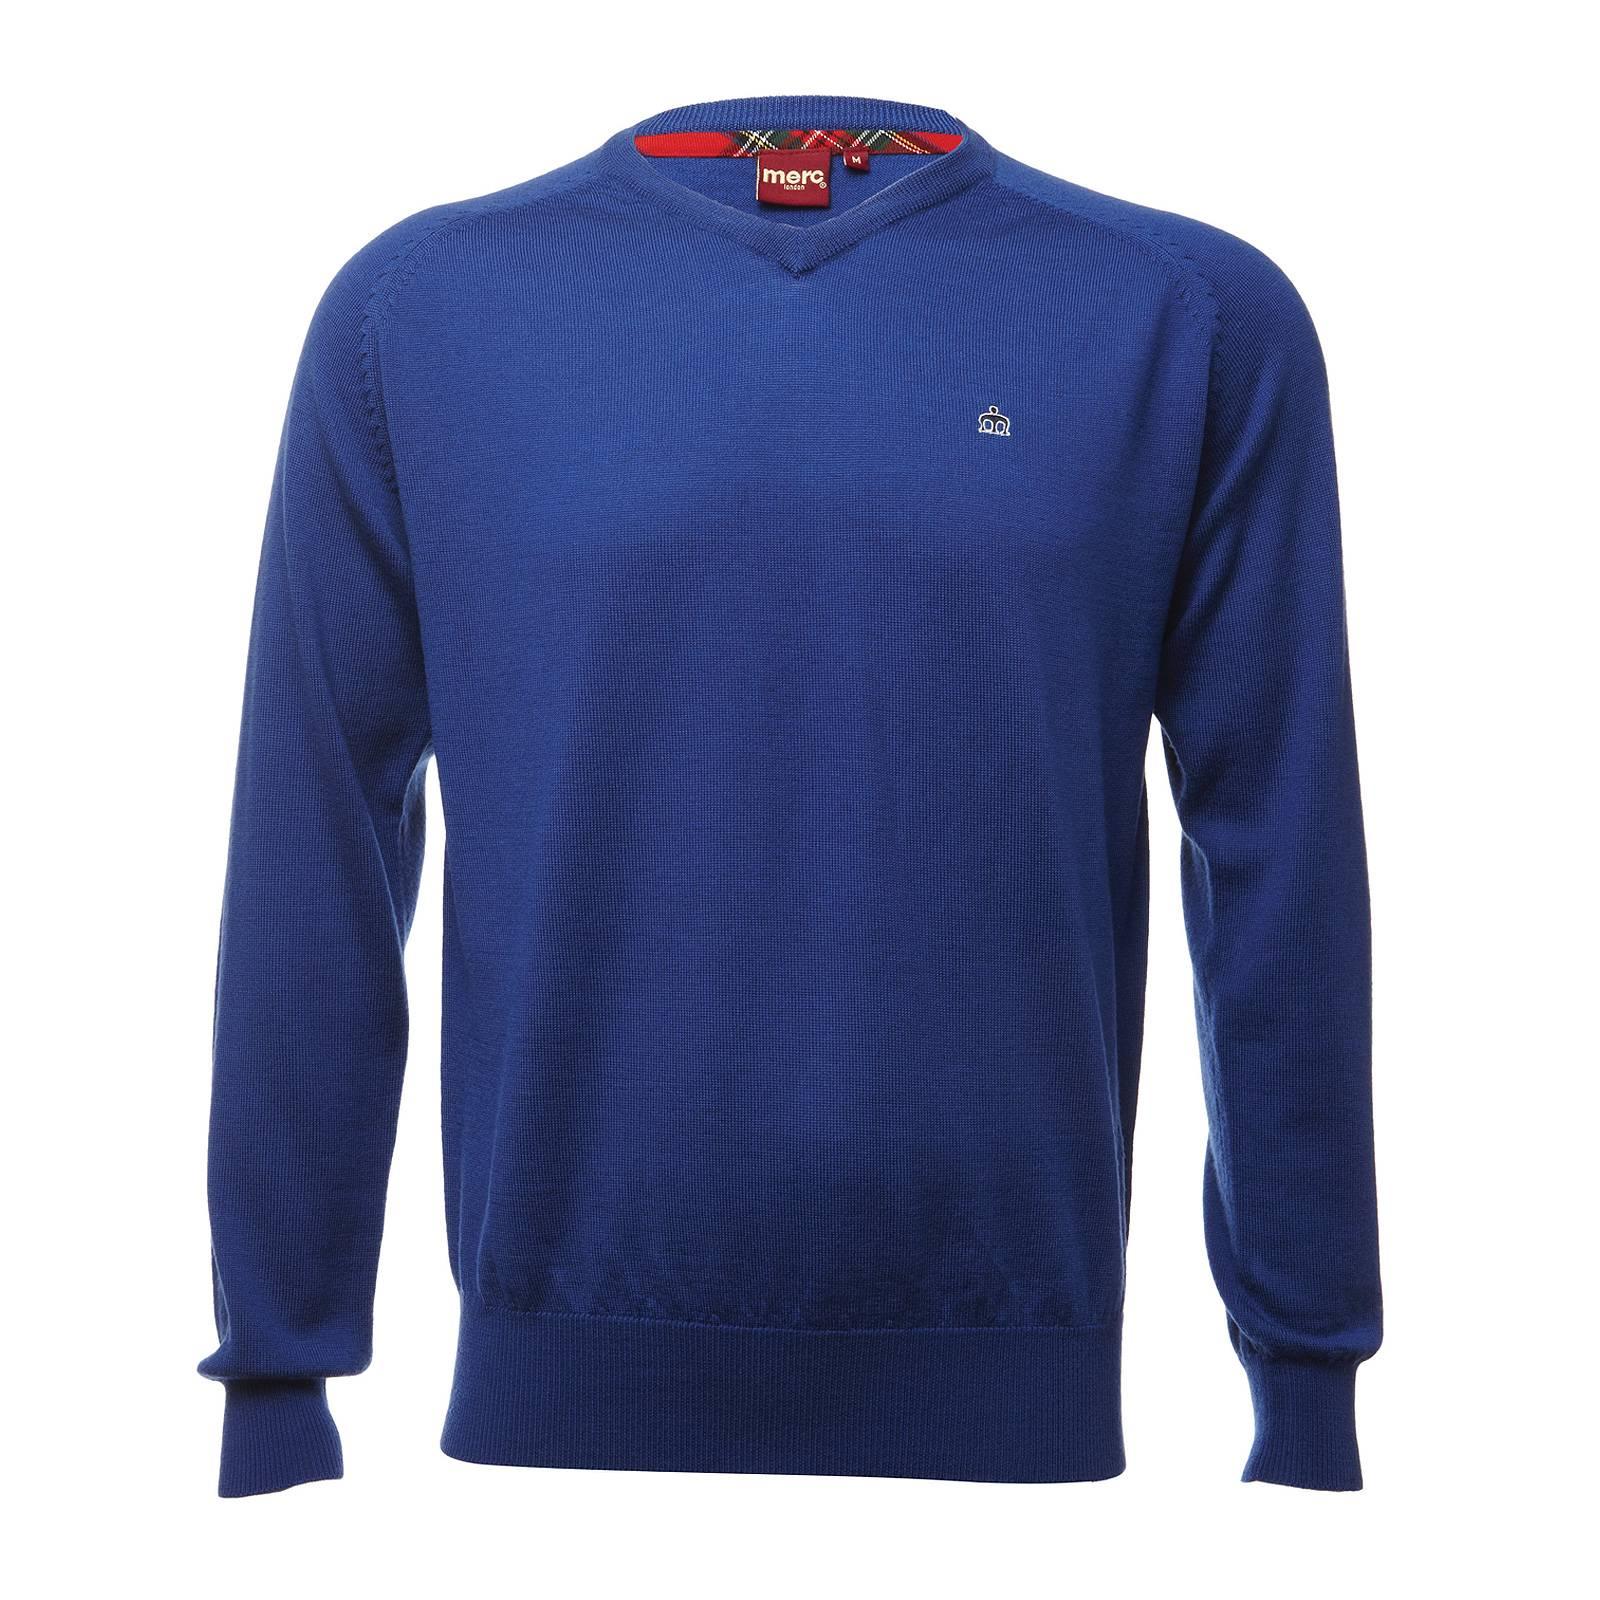 Свитер ConradCORE<br>Классический свитер с неглубоким V-образным вырезом, изготовленный из высококачественной чистошерстяной пряжи, мягкий и приятный к телу. &amp;lt;br /&amp;gt;<br>&amp;lt;br /&amp;gt;<br>Благодаря высокоэластичному трикотажу и крою slim-fit аккуратно садится по фигуре и хорошо держит форму в течение длительного срока.&amp;lt;br /&amp;gt;<br>&amp;lt;br /&amp;gt;<br>Брендирован вышитым логотипом &amp;amp;quot;корона&amp;amp;quot;, вносящим ненавязчивое разнообразие в строгий дизайн. Великолепно смотрится одетым поверх рубашки или поло. Можно носить и на голое тело. &amp;lt;br /&amp;gt;<br>&amp;lt;br /&amp;gt;<br>Относится к базовой всесезонной линии CORE.<br><br>Артикул: 1606203<br>Материал: 100% шерсть<br>Цвет: королевский синий<br>Пол: Мужской